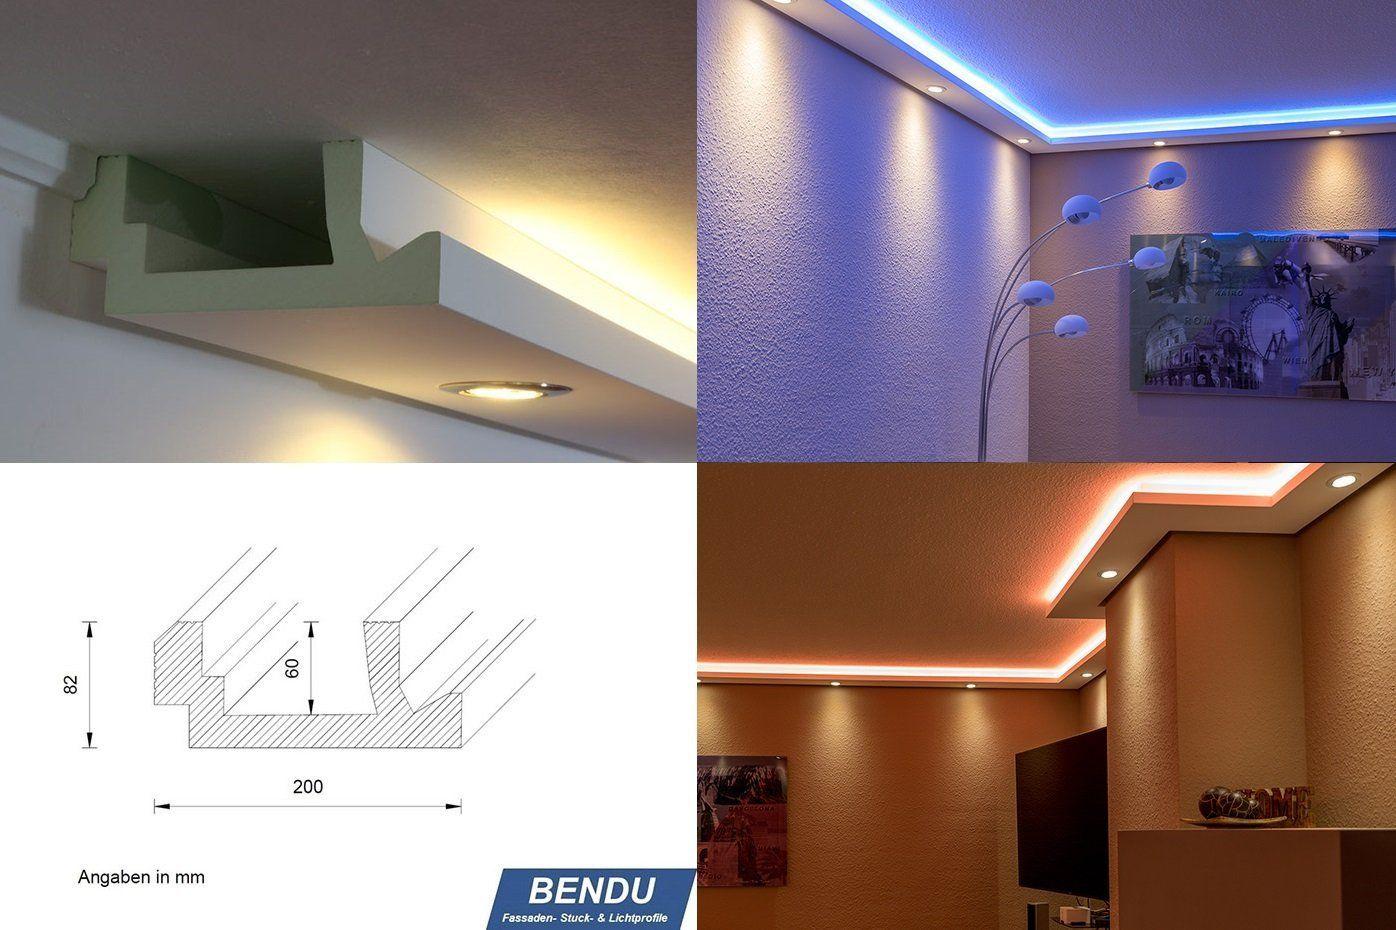 Bendu Moderne Stuckleisten Bzw Lichtprofile Fur Indirekte Beleuchtung Von Wand Und Decke Aus Hartschaum Wdml 2 Beleuchtung Wandbeleuchtung Deckenbeleuchtung